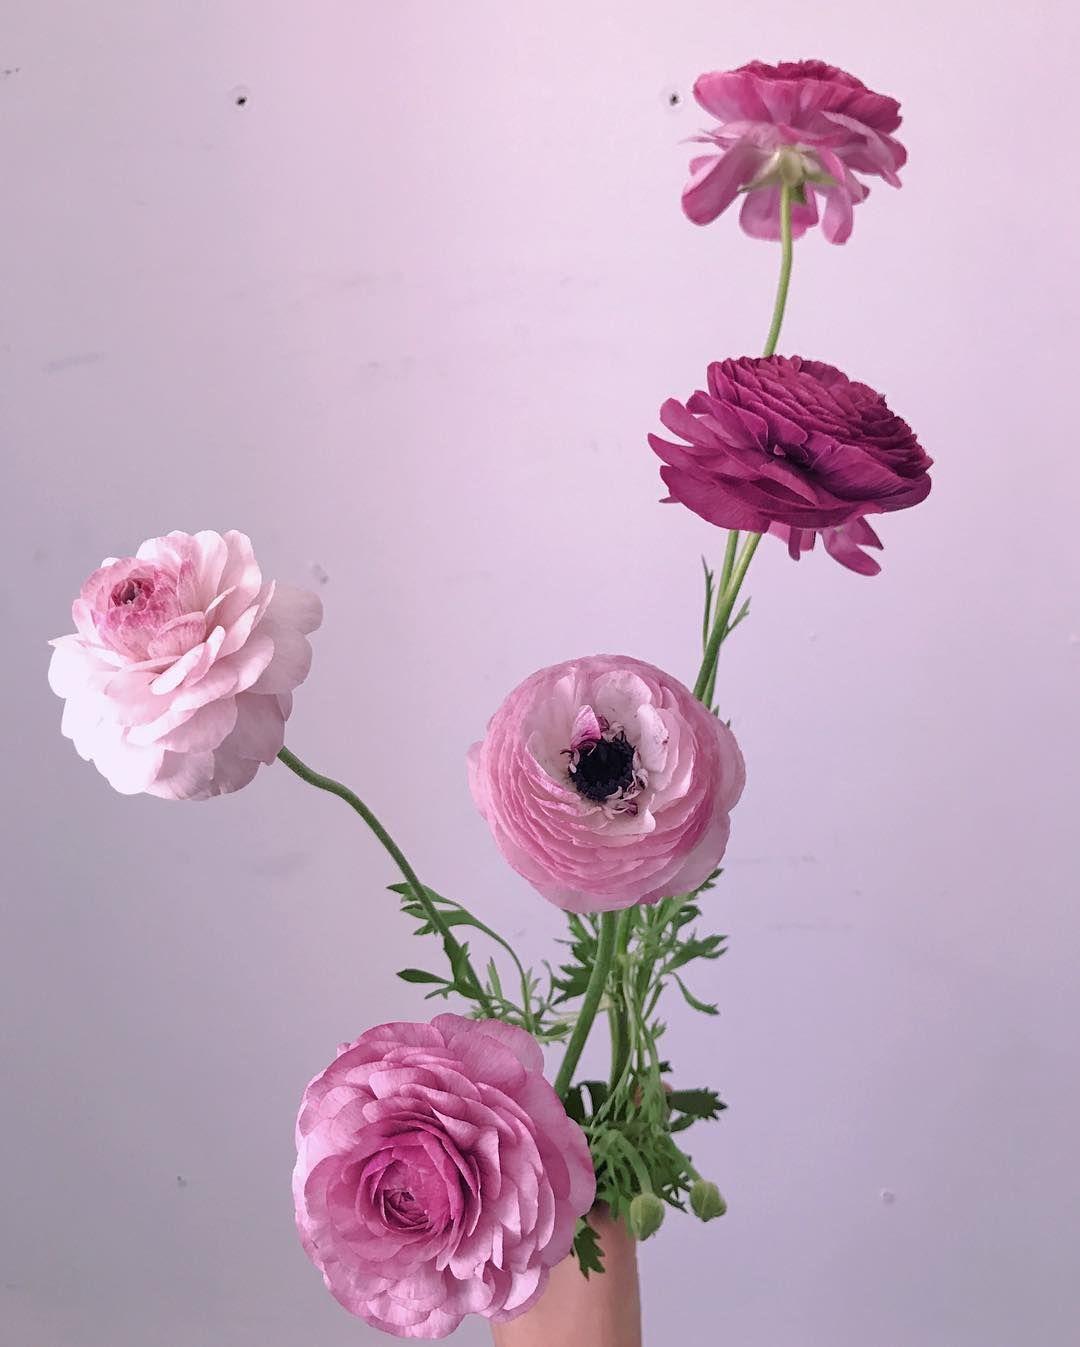 Ranunculus Ranunculus Flowers Peonies